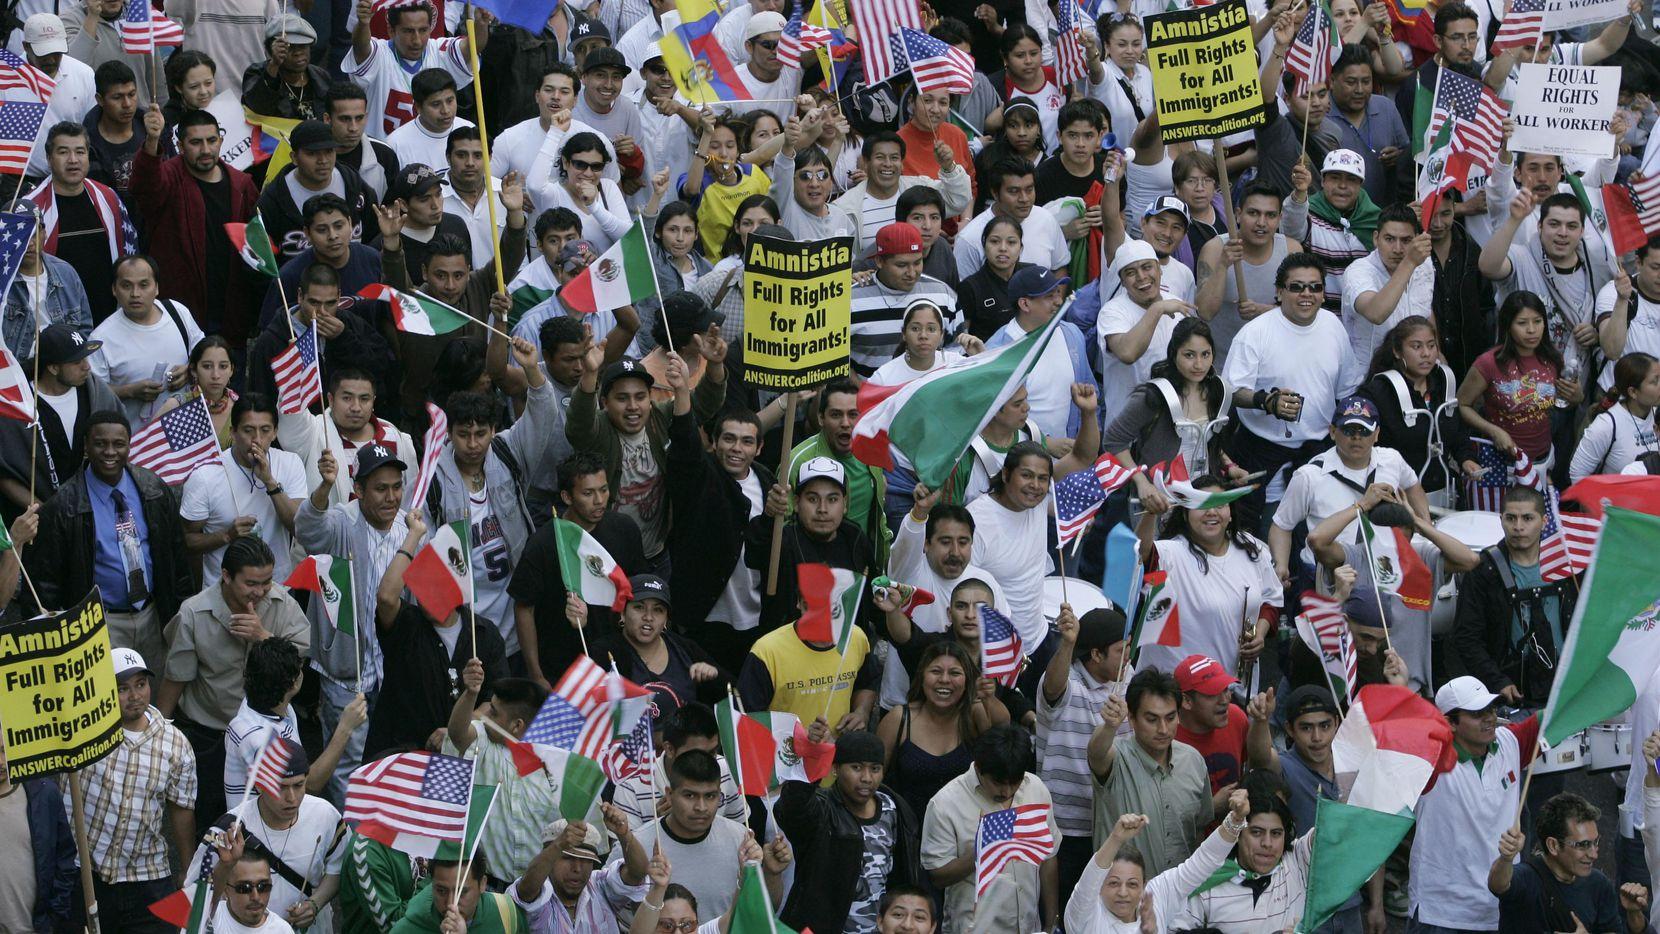 En esta foto del 2006, grupos marchan por los derechos de los inmigrantes en Nueva York el 1 de mayo, como algunos piensan hacer el 1 de mayo de 2017. (AP/SHIHO FUKADA)